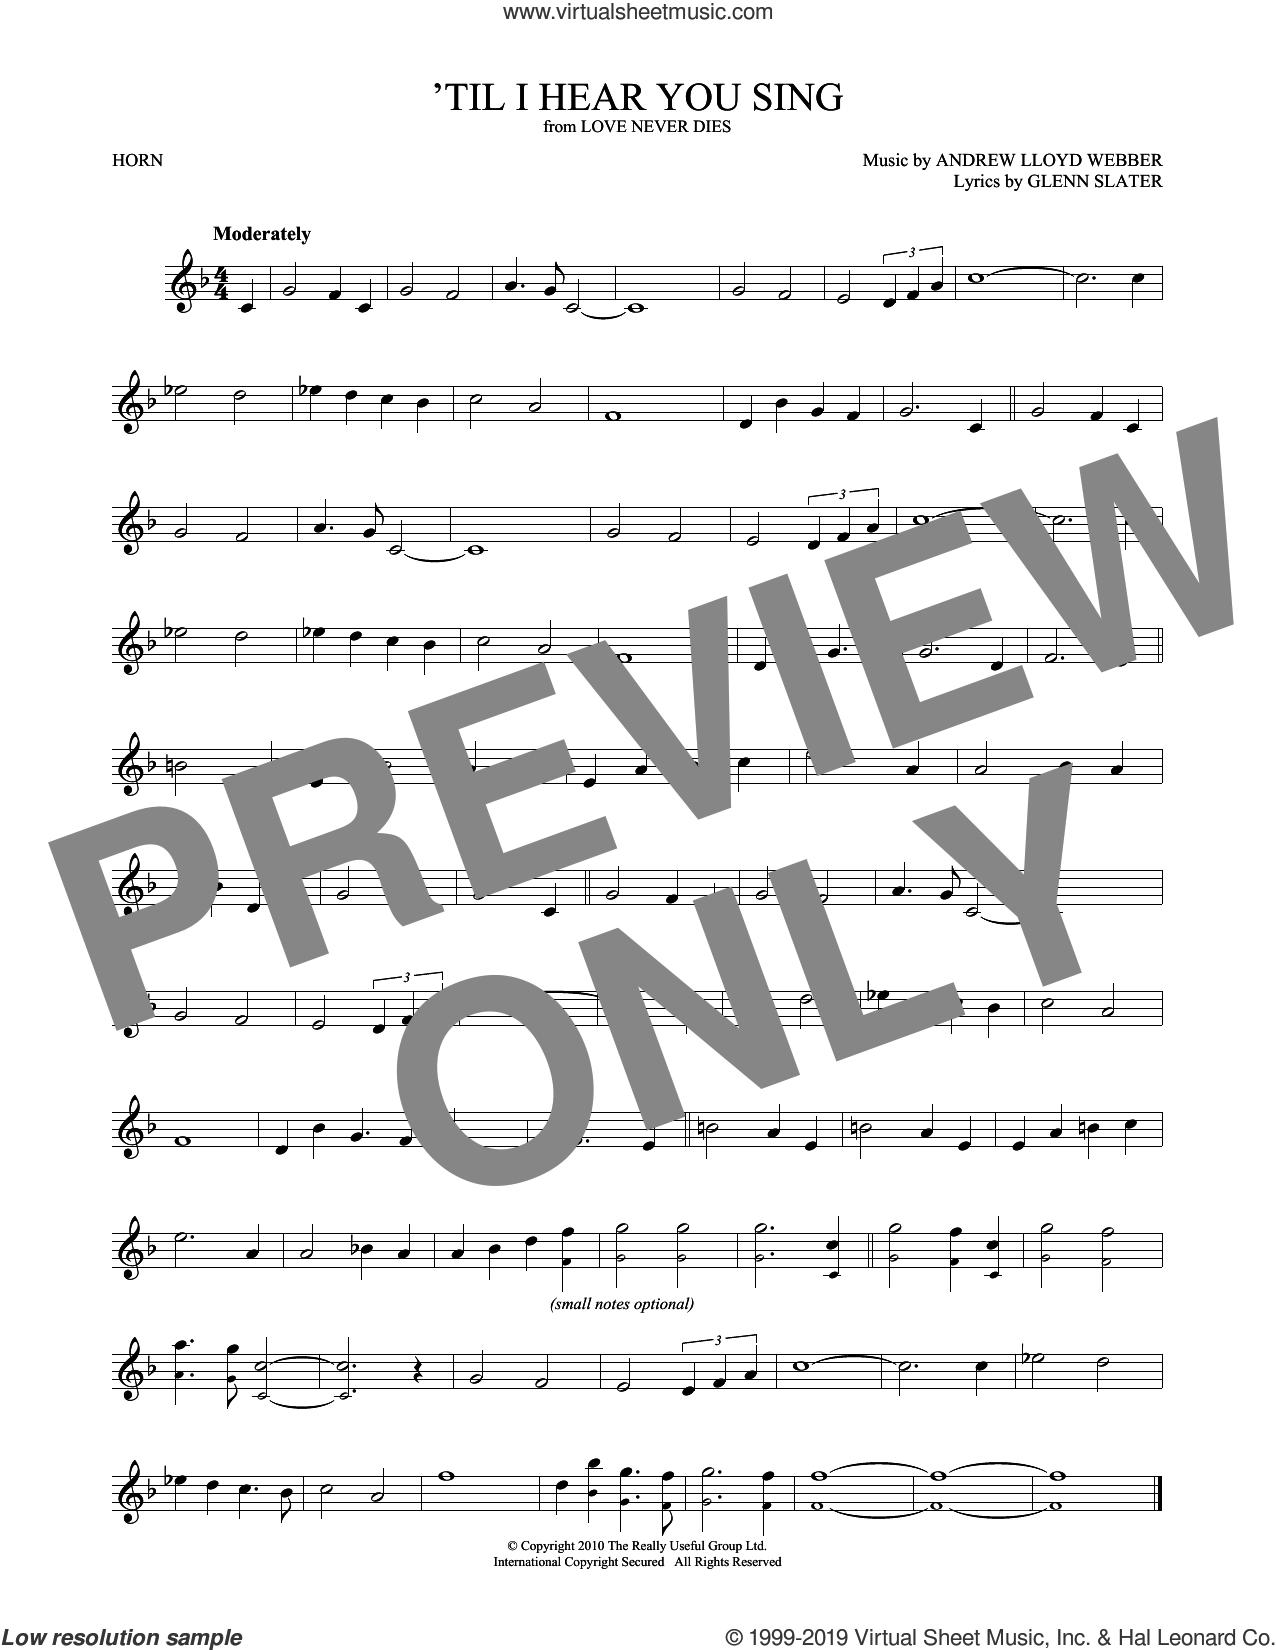 'Til I Hear You Sing (from Love Never Dies) sheet music for horn solo by Andrew Lloyd Webber and Glenn Slater, intermediate skill level